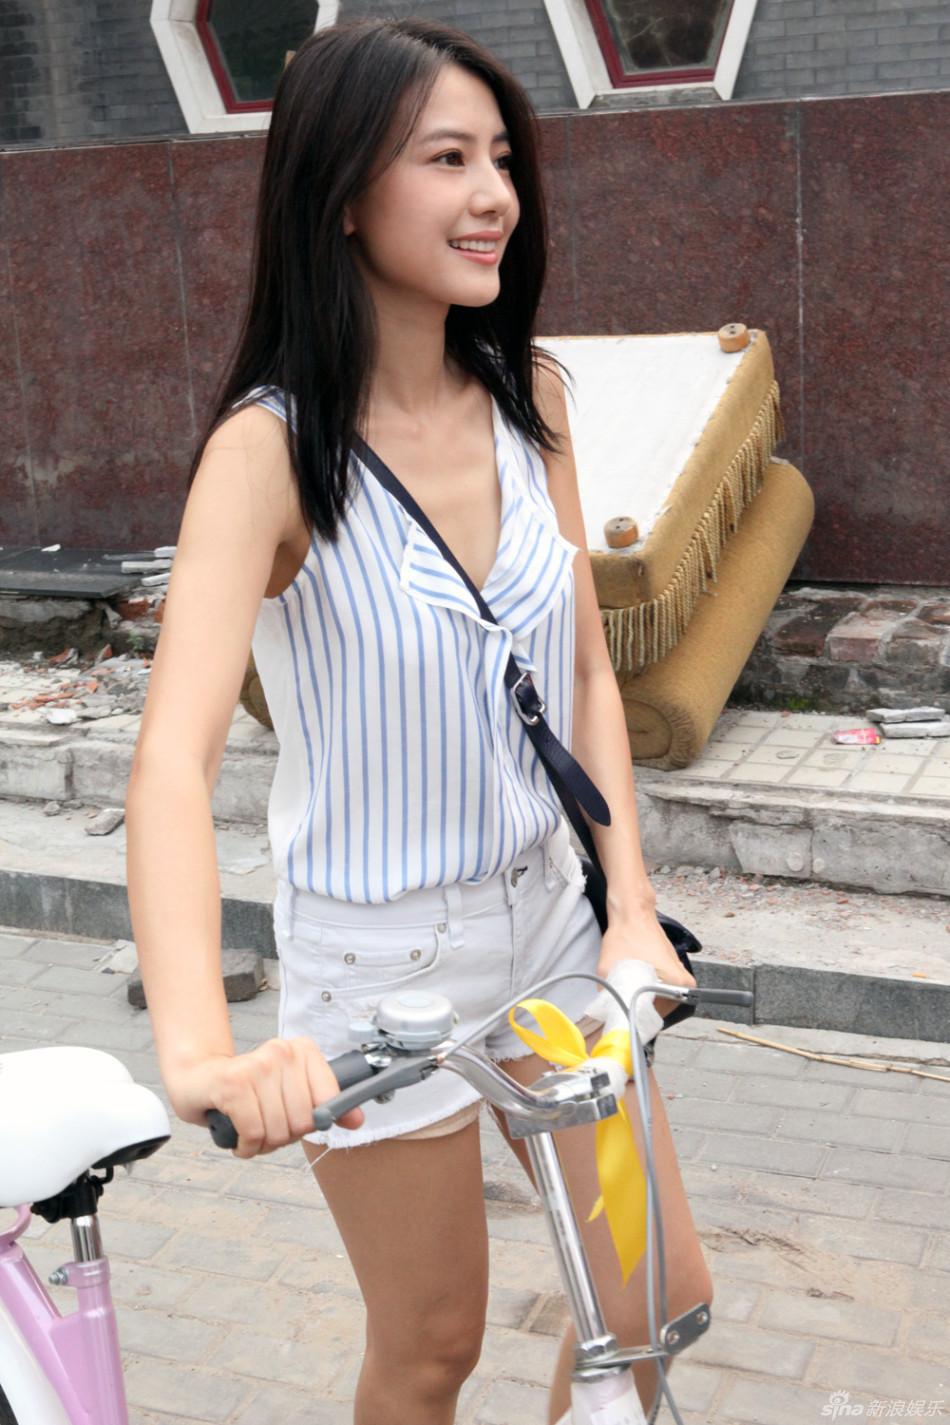 http://www.sinaimg.cn/dy/slidenews/4_img/2013_28/704_1022953_162135.jpg